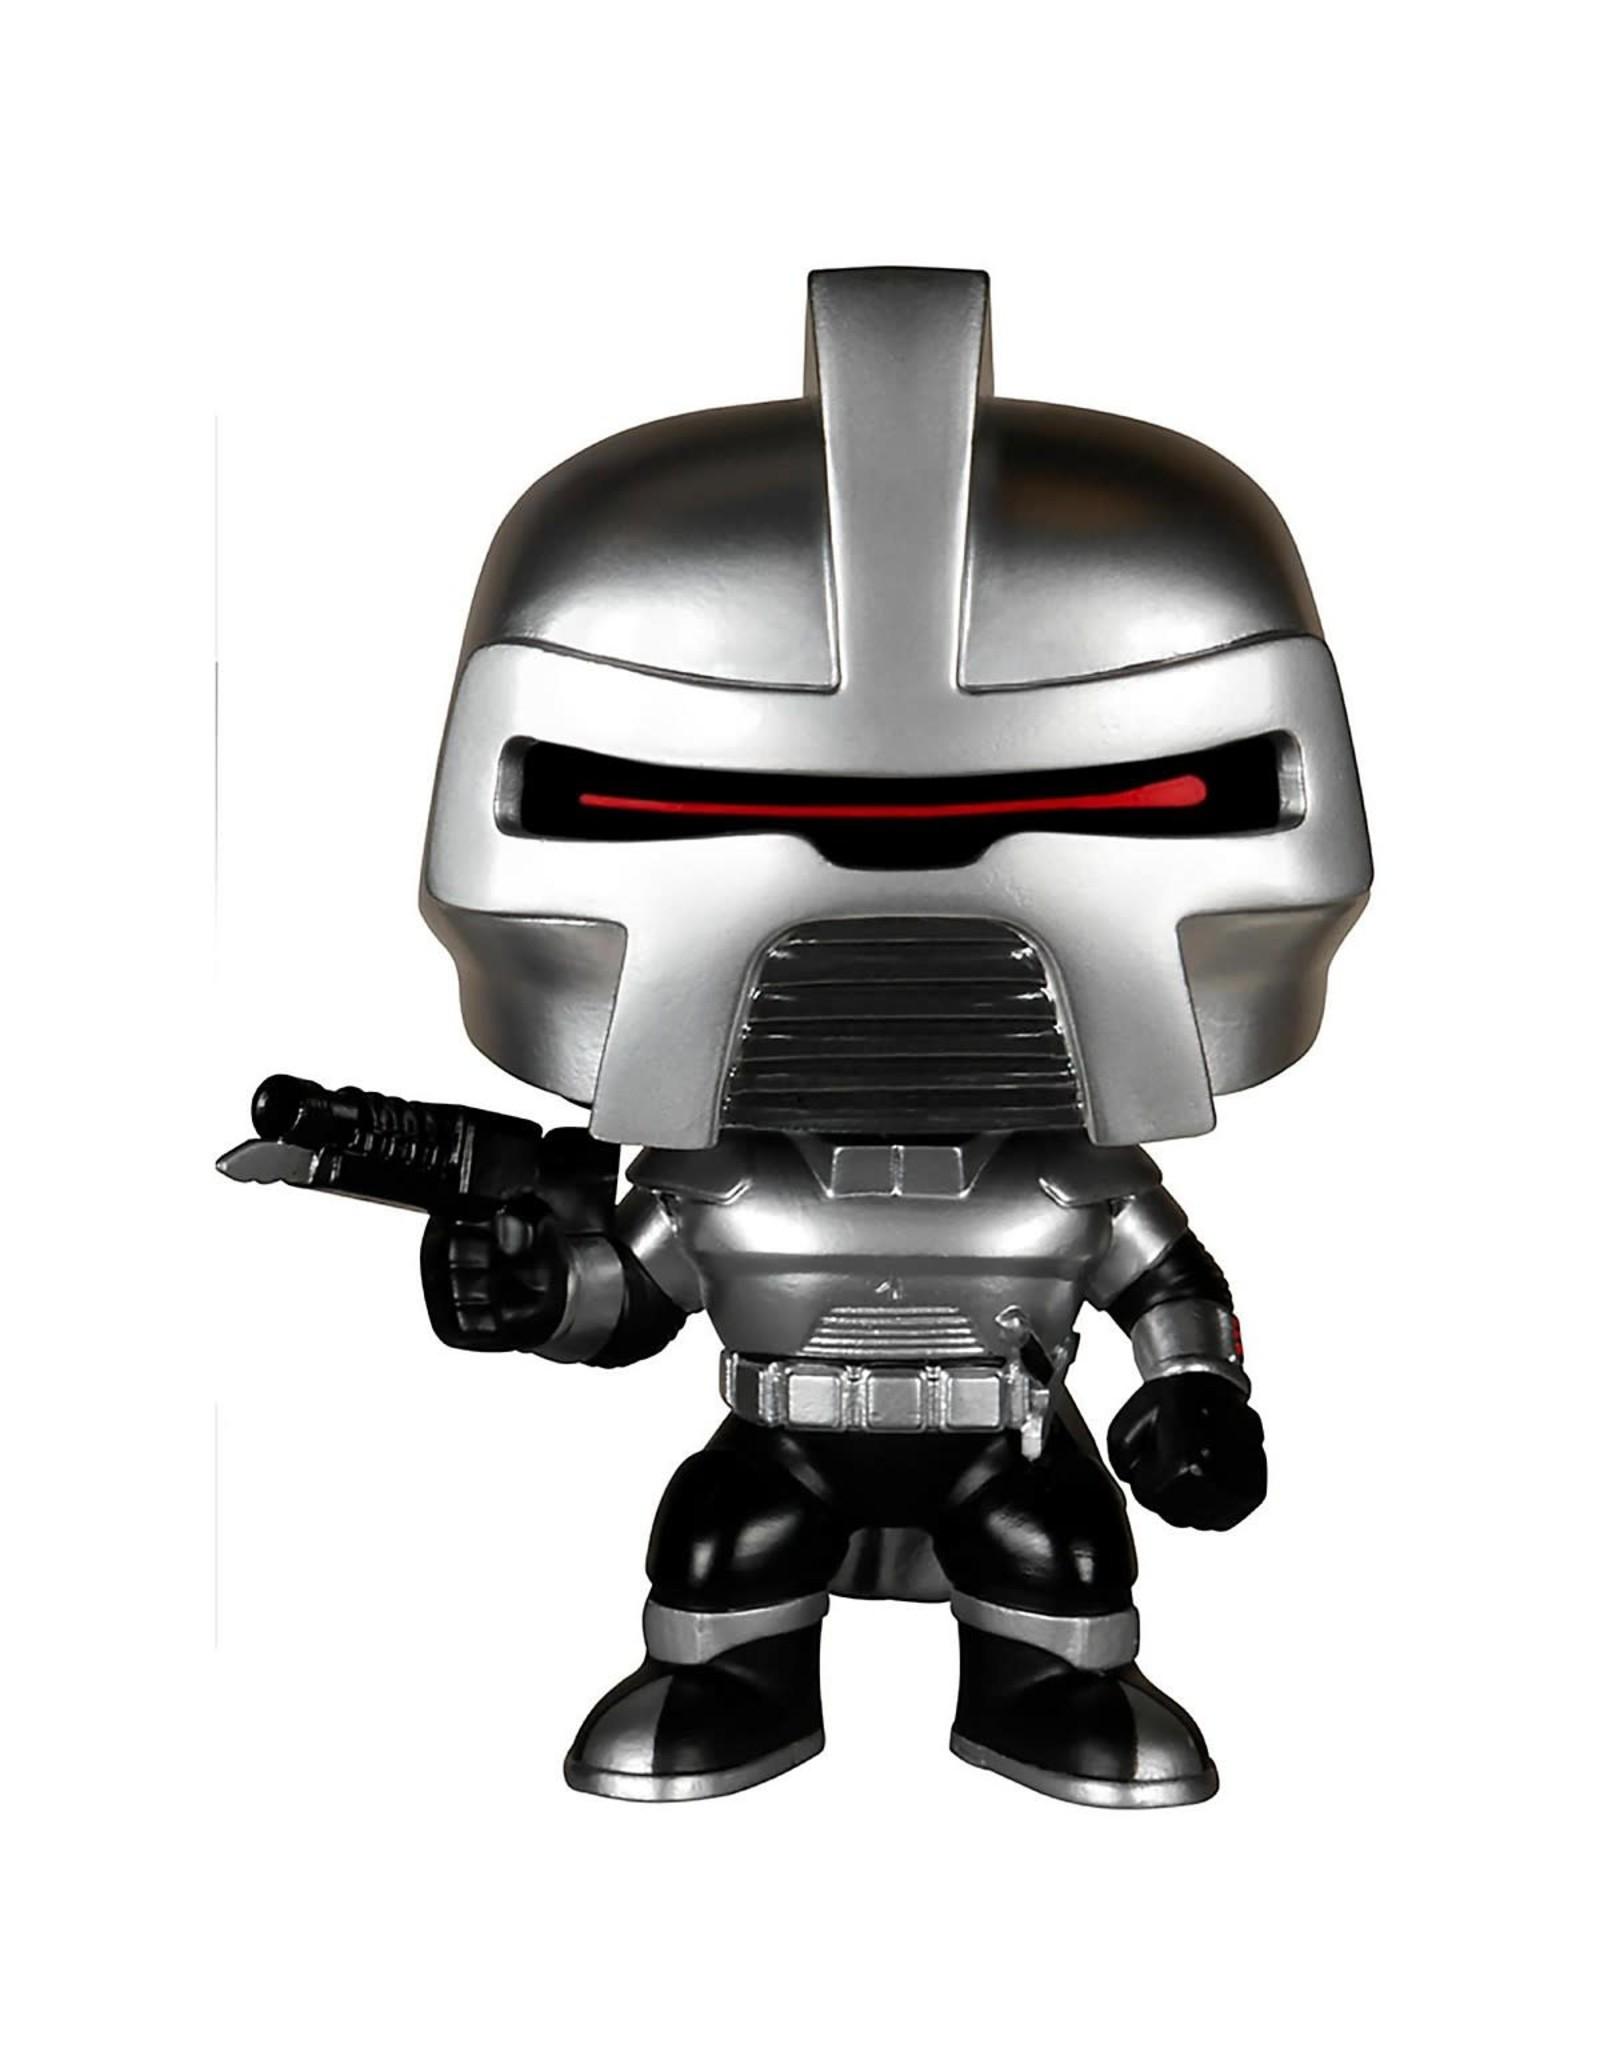 Battlestar Galactica POP Cylon Centurion